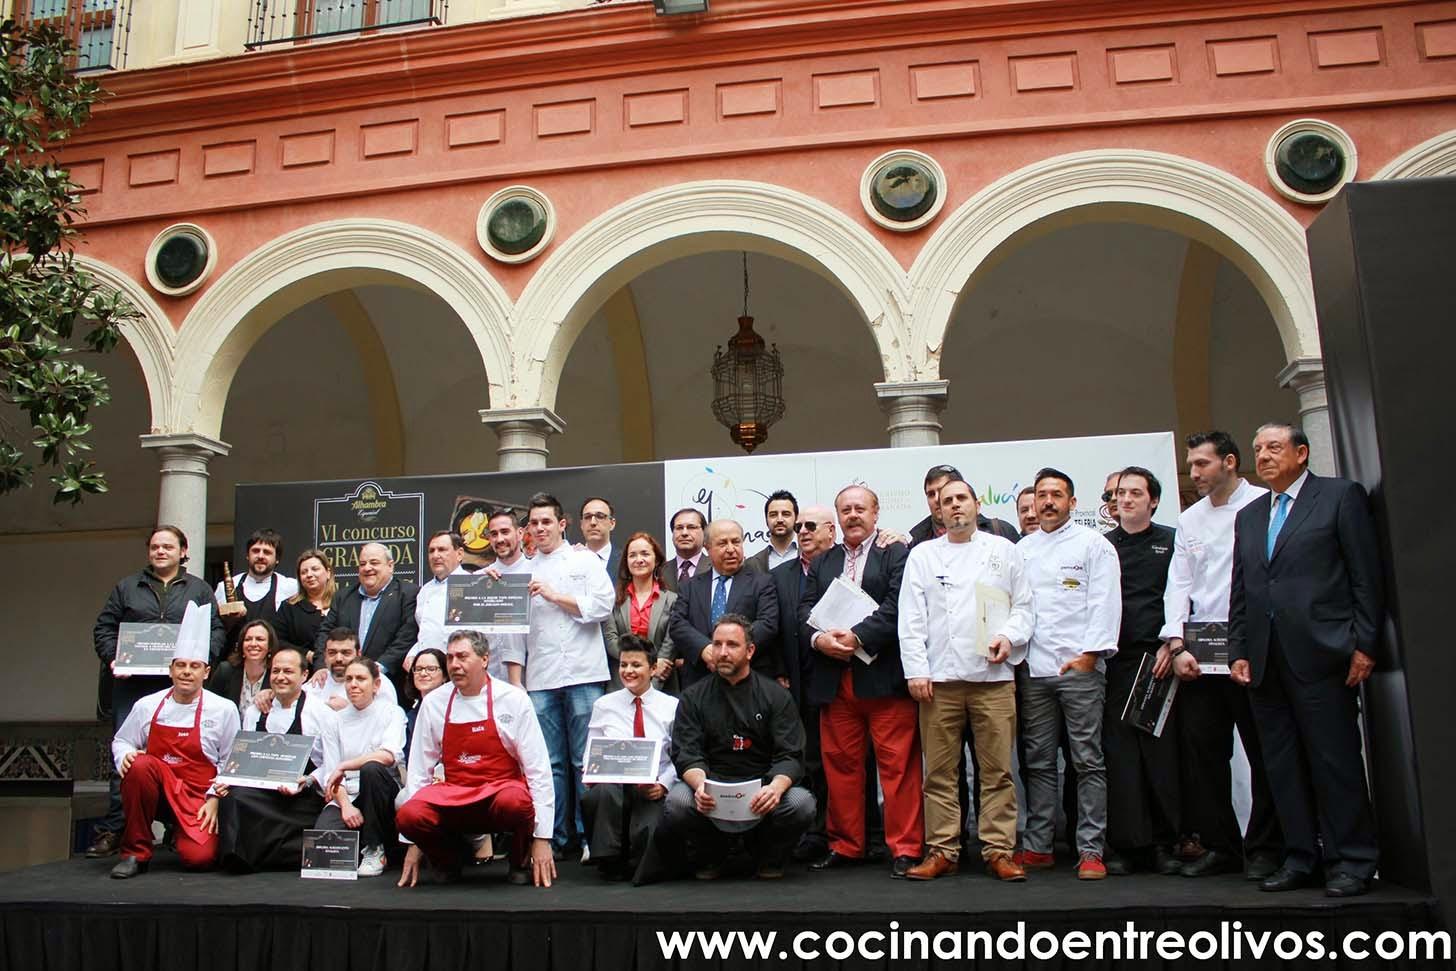 Cocinando entre olivos ganadores concurso granada de for Cocinando entre olivos